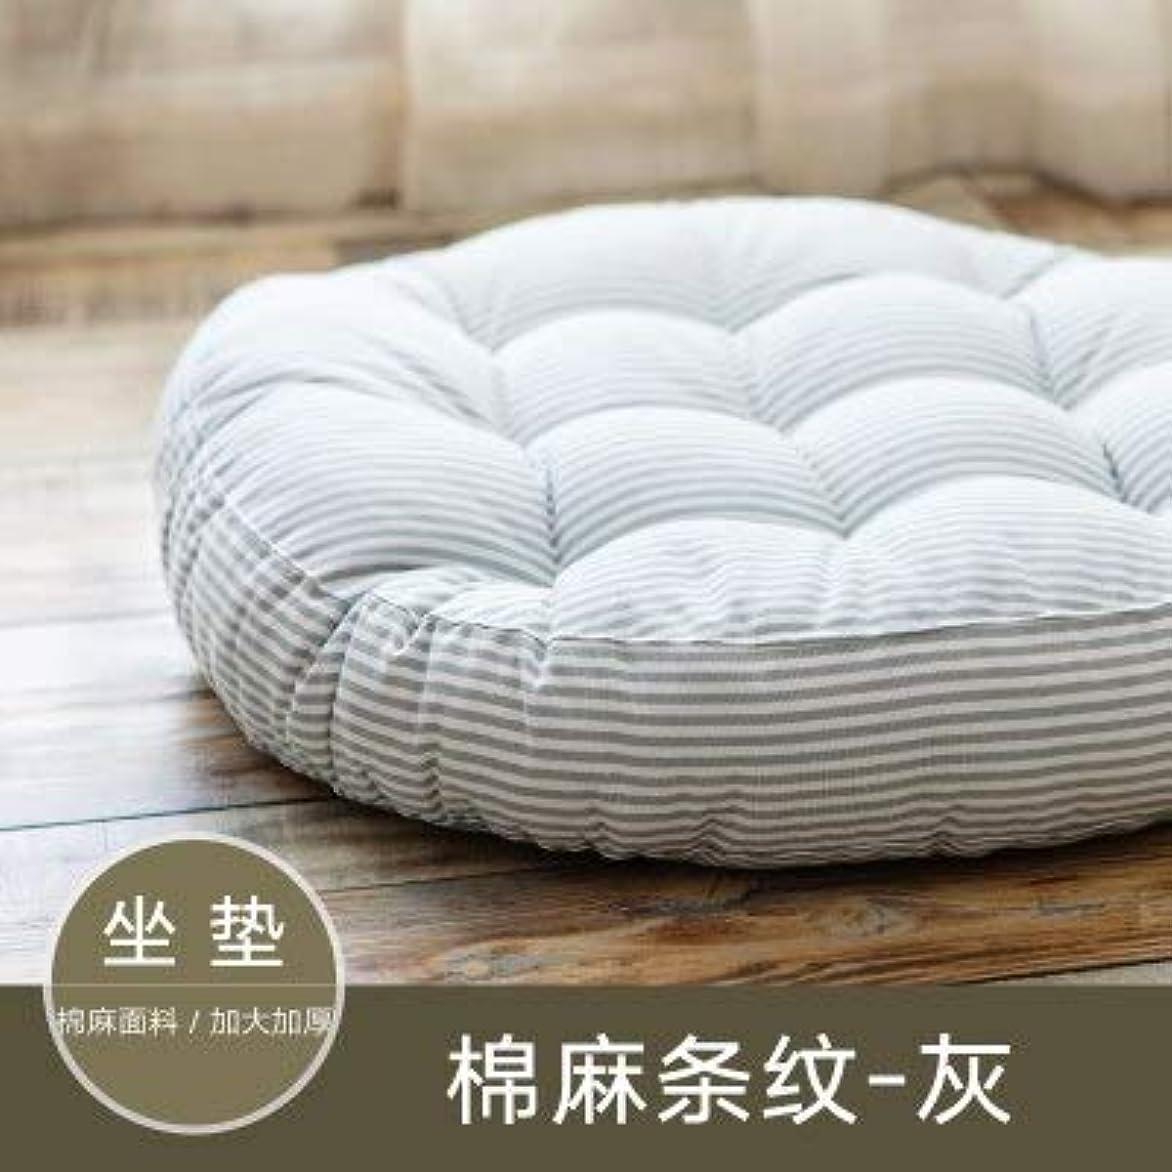 孤児応じる対応LIFE ラウンド厚い椅子のクッションフロアマットレスシートパッドソフトホームオフィスチェアクッションマットソフトスロー枕最高品質の床クッション クッション 椅子